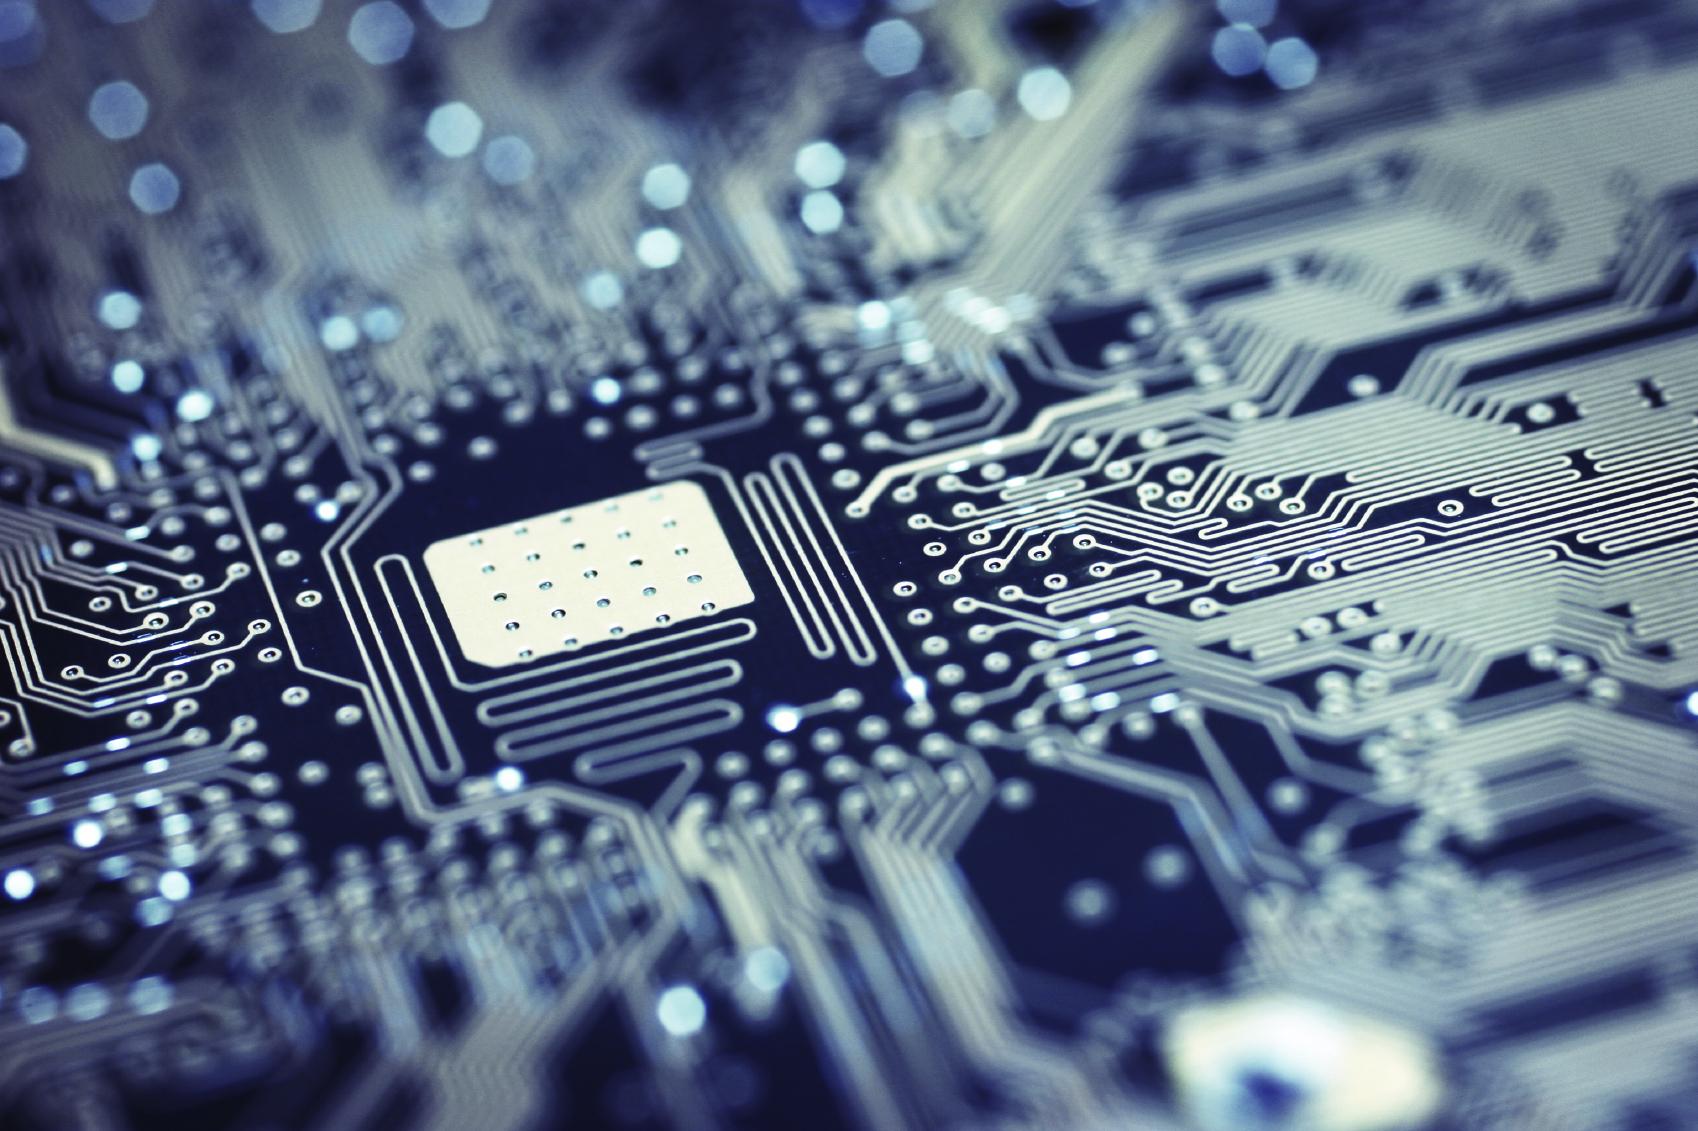 Technology board